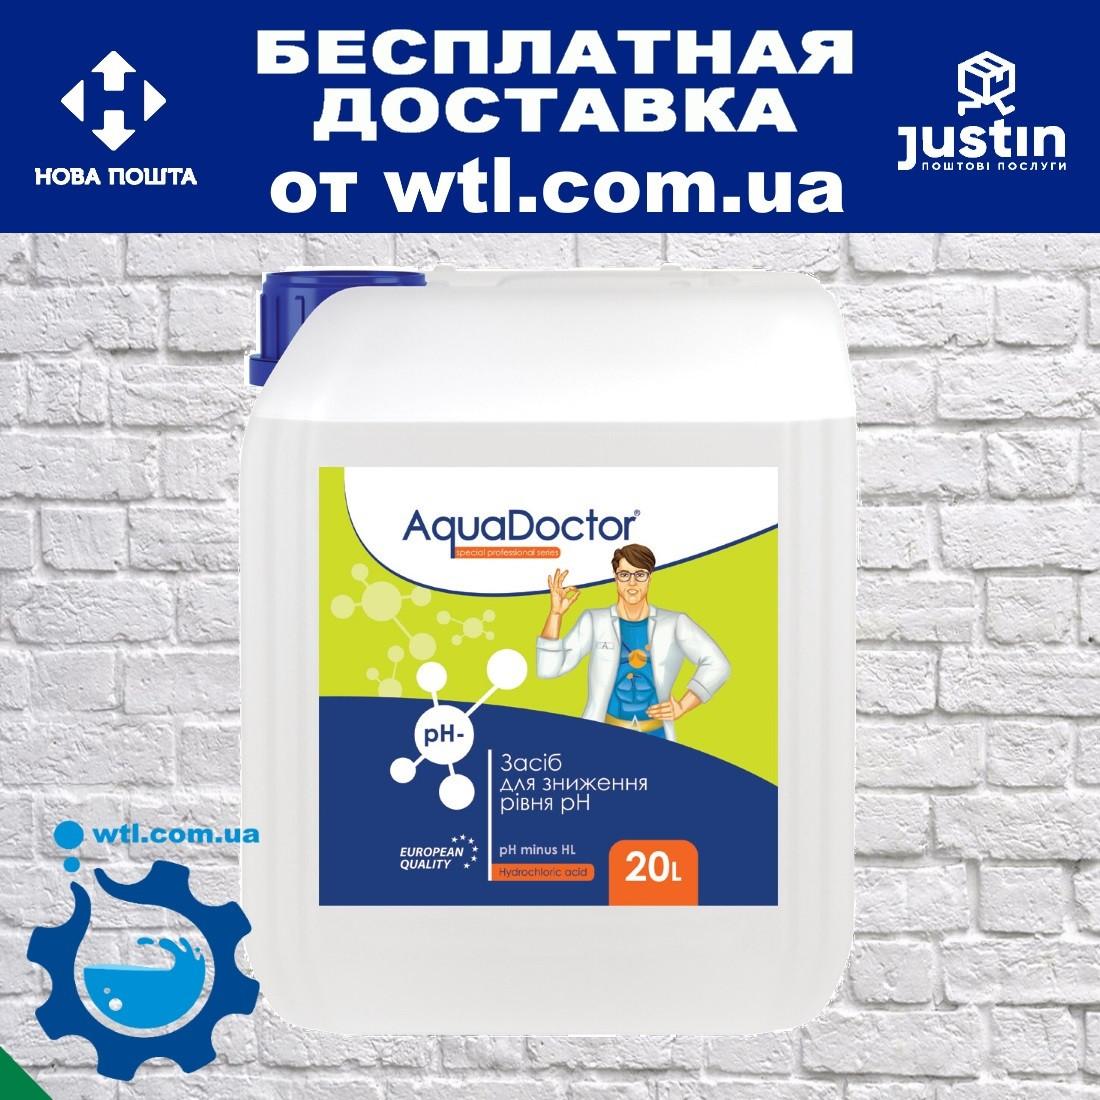 Жидкое средство для понижения уровня pH Aquadoctor pH Minus HL 20 л Соляная 14% Аквадоктор